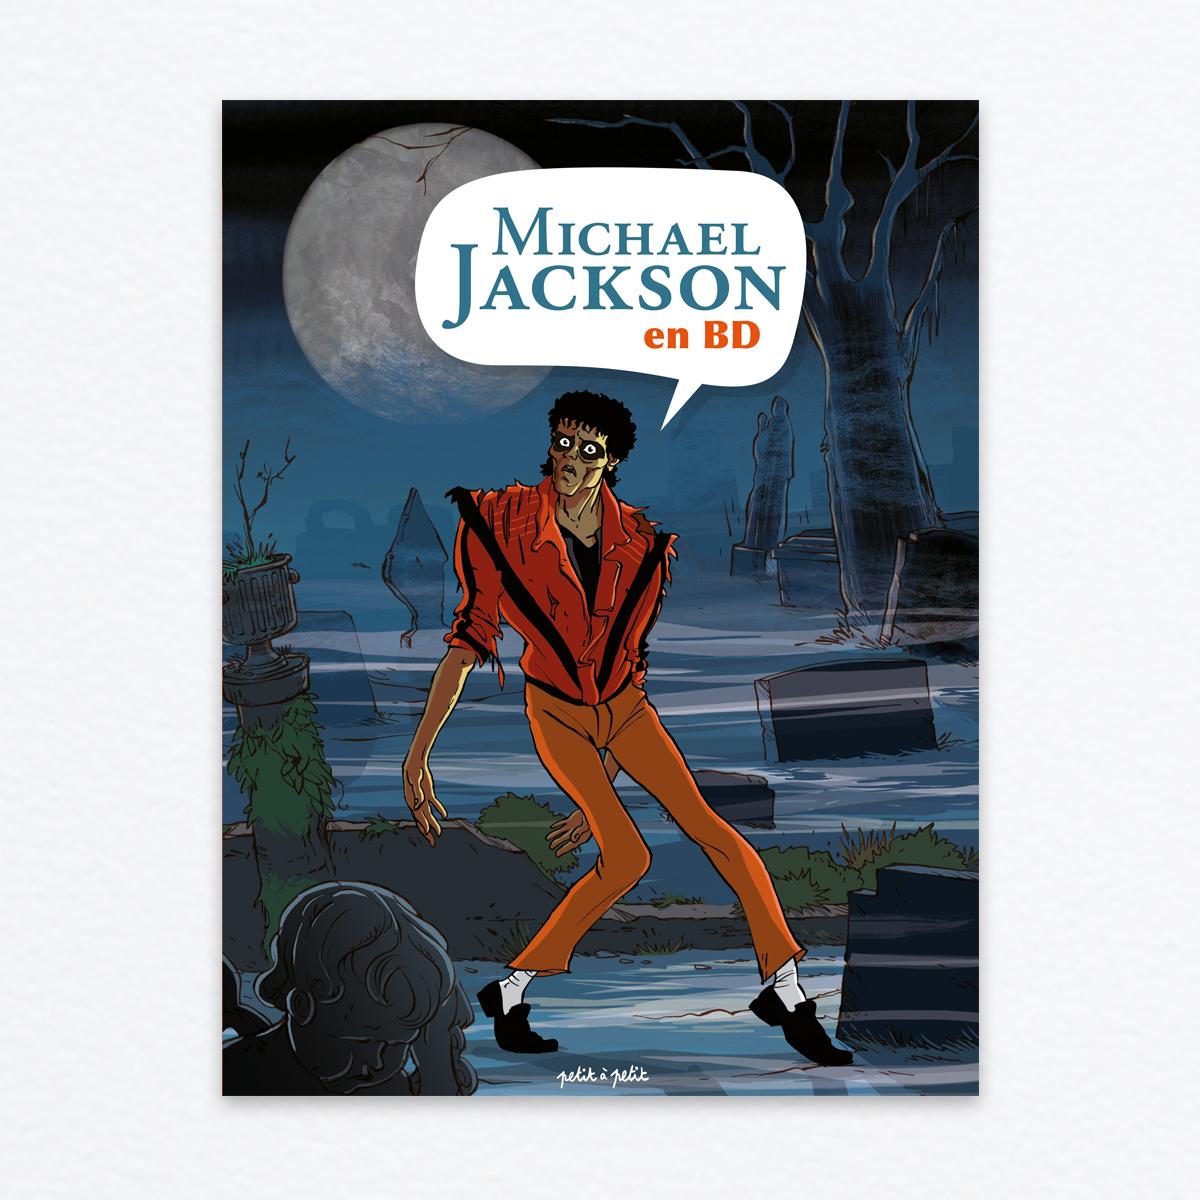 """Résultat de recherche d'images pour """"michael jackson en bd"""""""